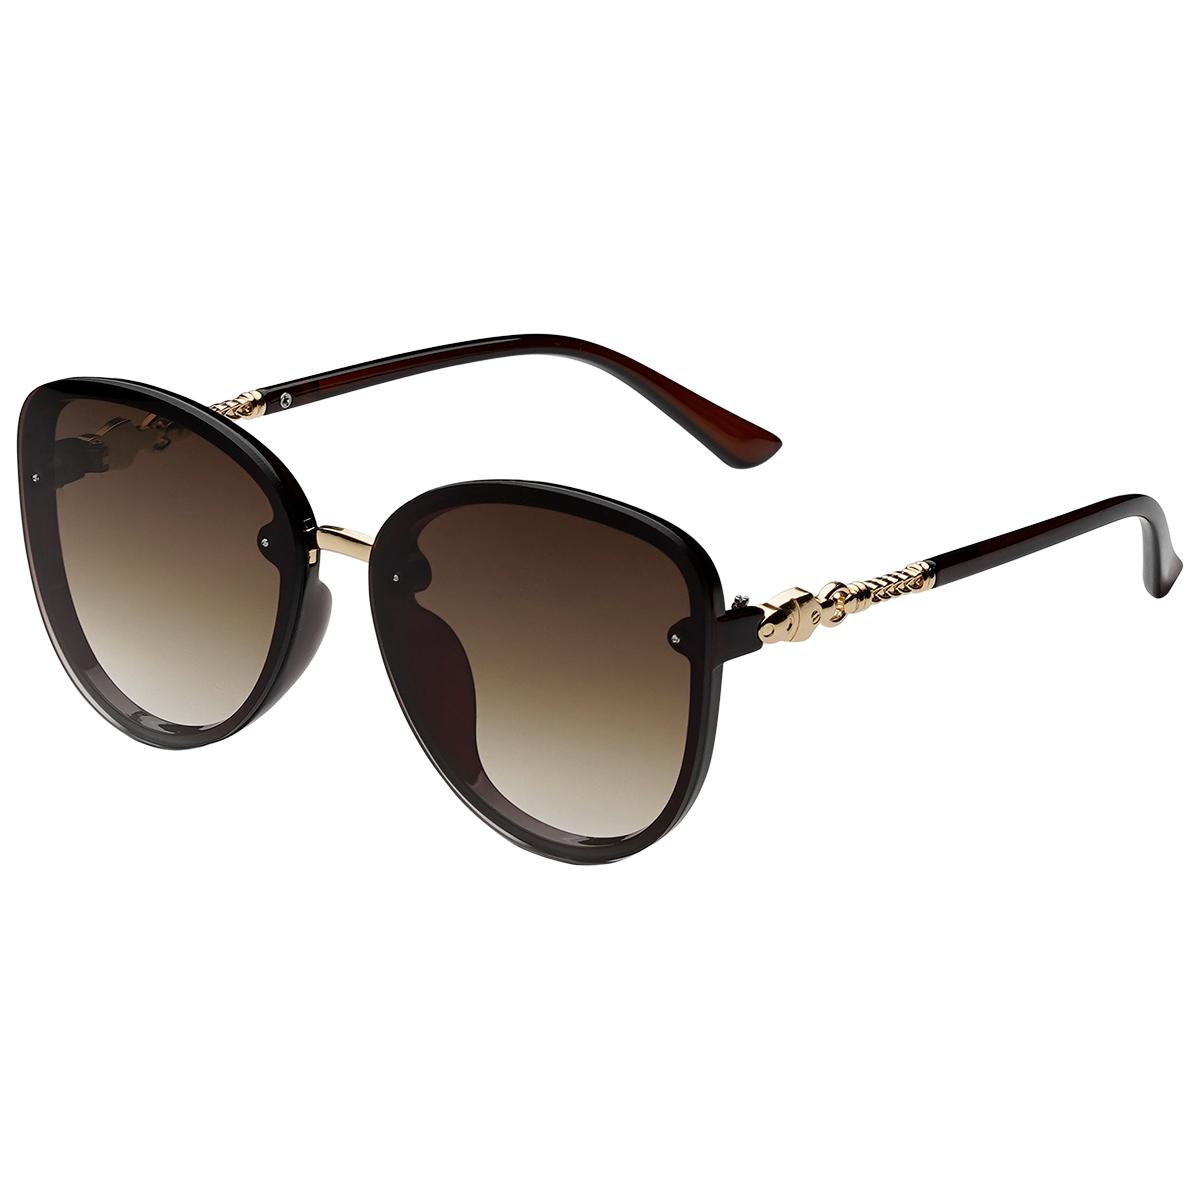 Zonnebril Elegance bruin bruine dames zonnebrillen gouden details zijkanten trendy festival brillen musthaves kopen bestellen yehwang